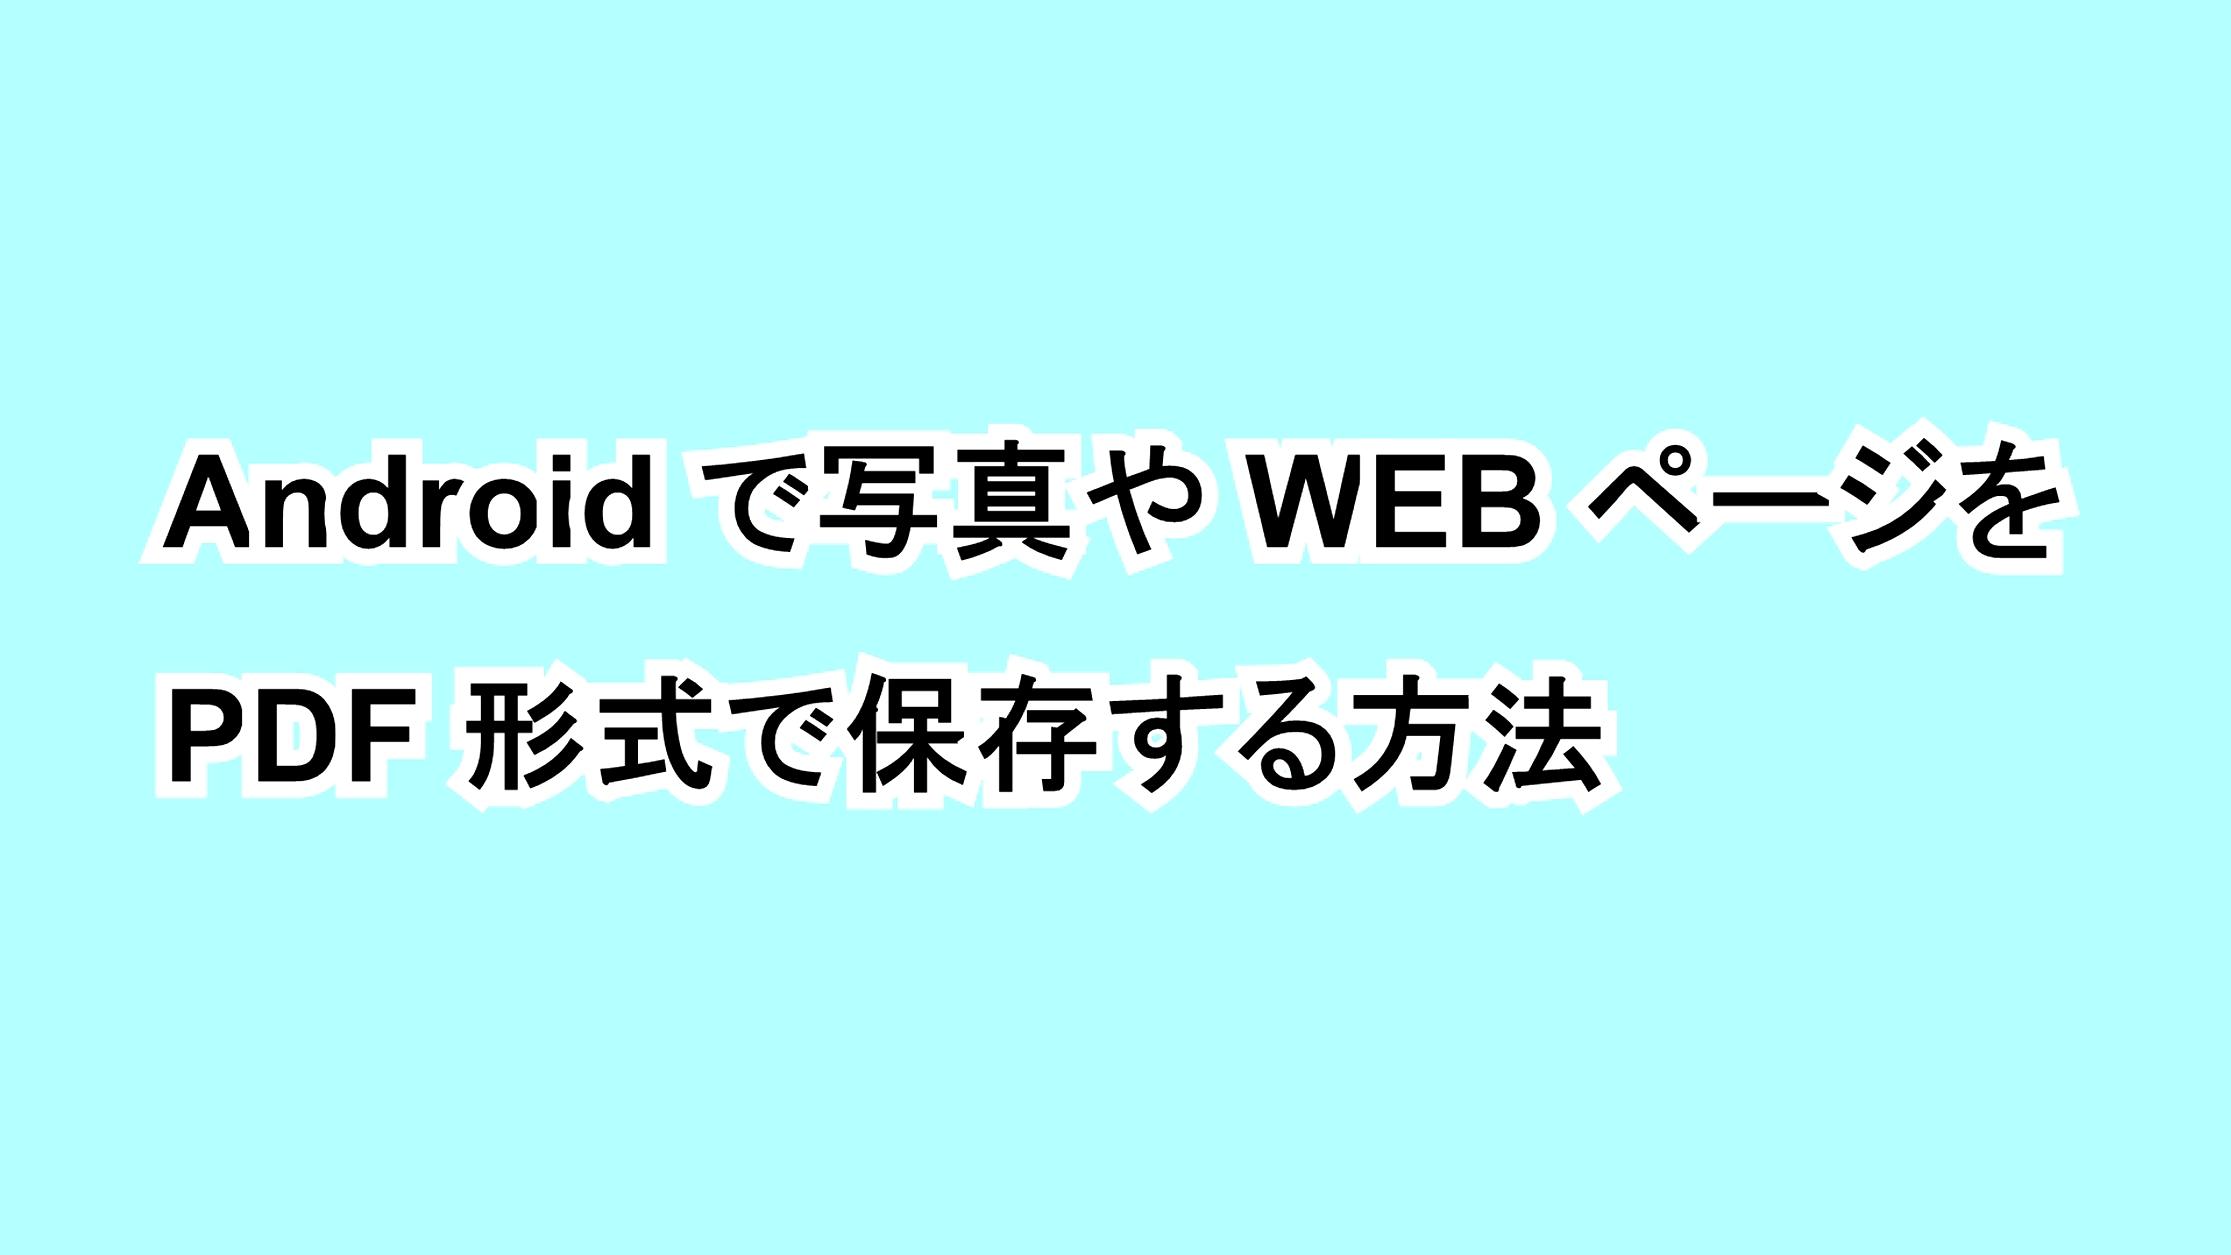 Androidで写真やWEBページをPDF形式で保存する方法